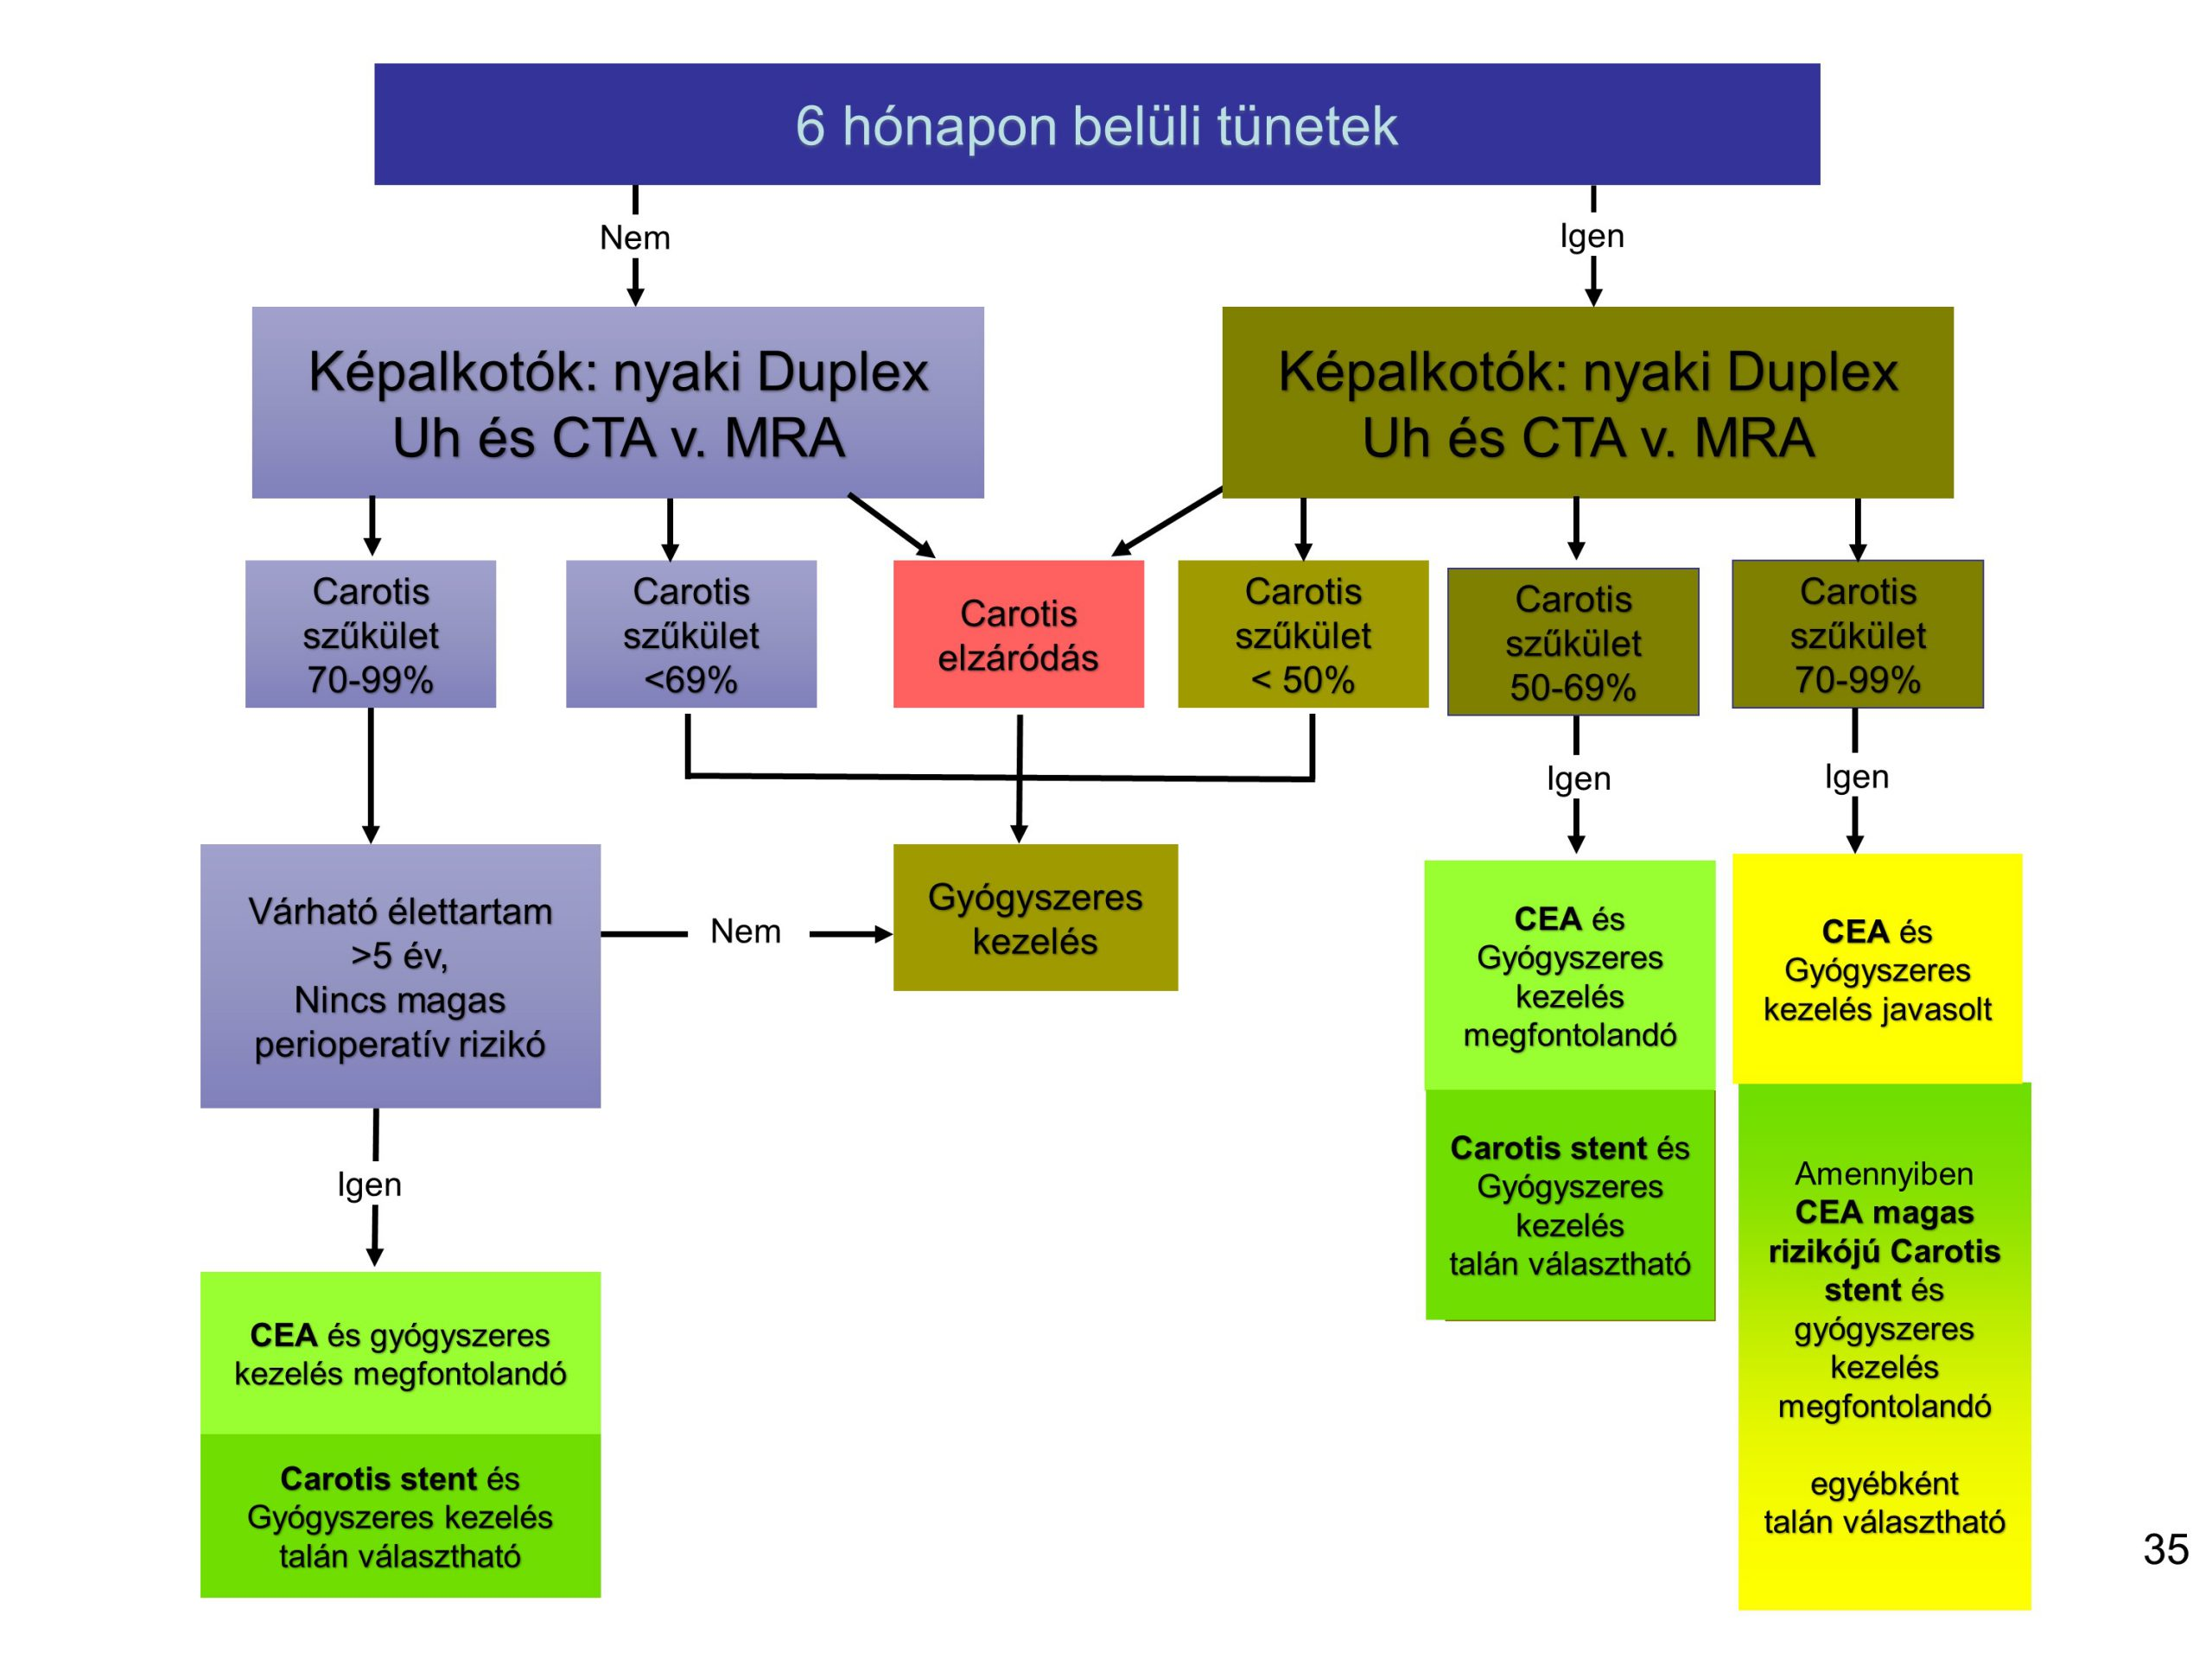 neuropatológus és magas vérnyomás